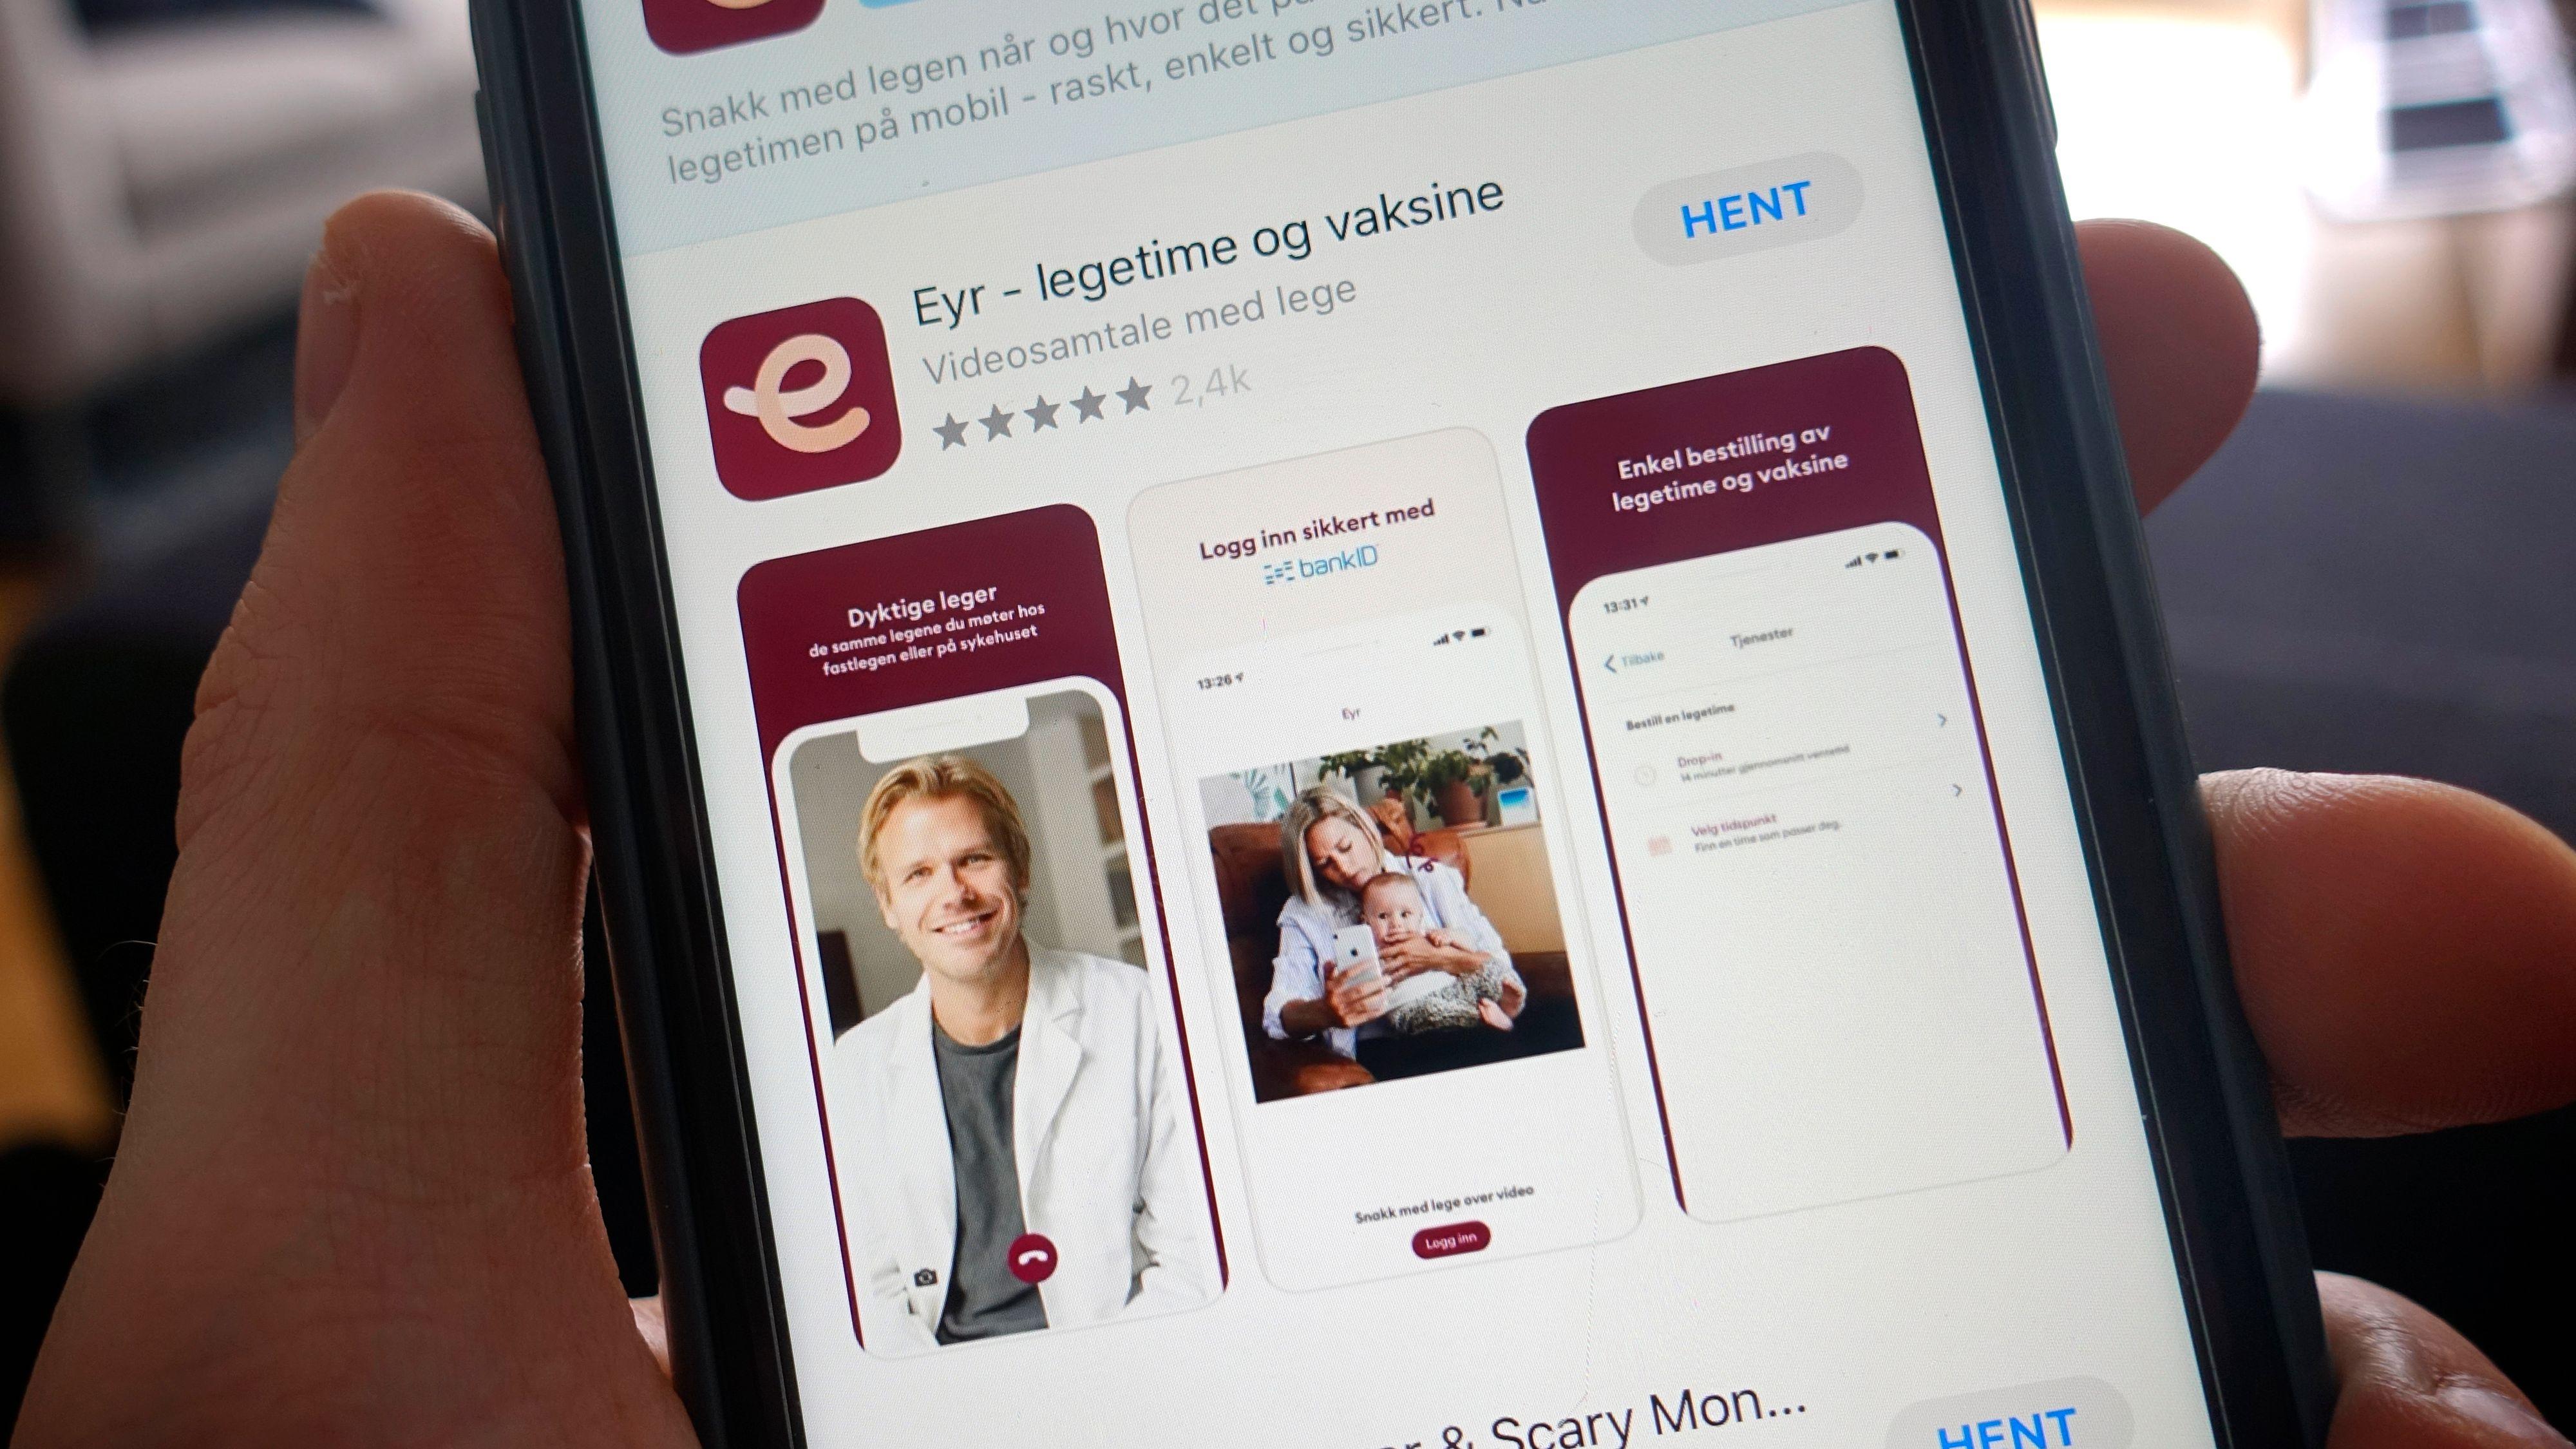 Apper som Eyr, Kry og andre som tilbyr legekonsultasjoner over videosamtale merker godt pågangen i forbindelse med coronaviruset. En stor andel av henvendelsene handler imidlertid om annet enn corona.